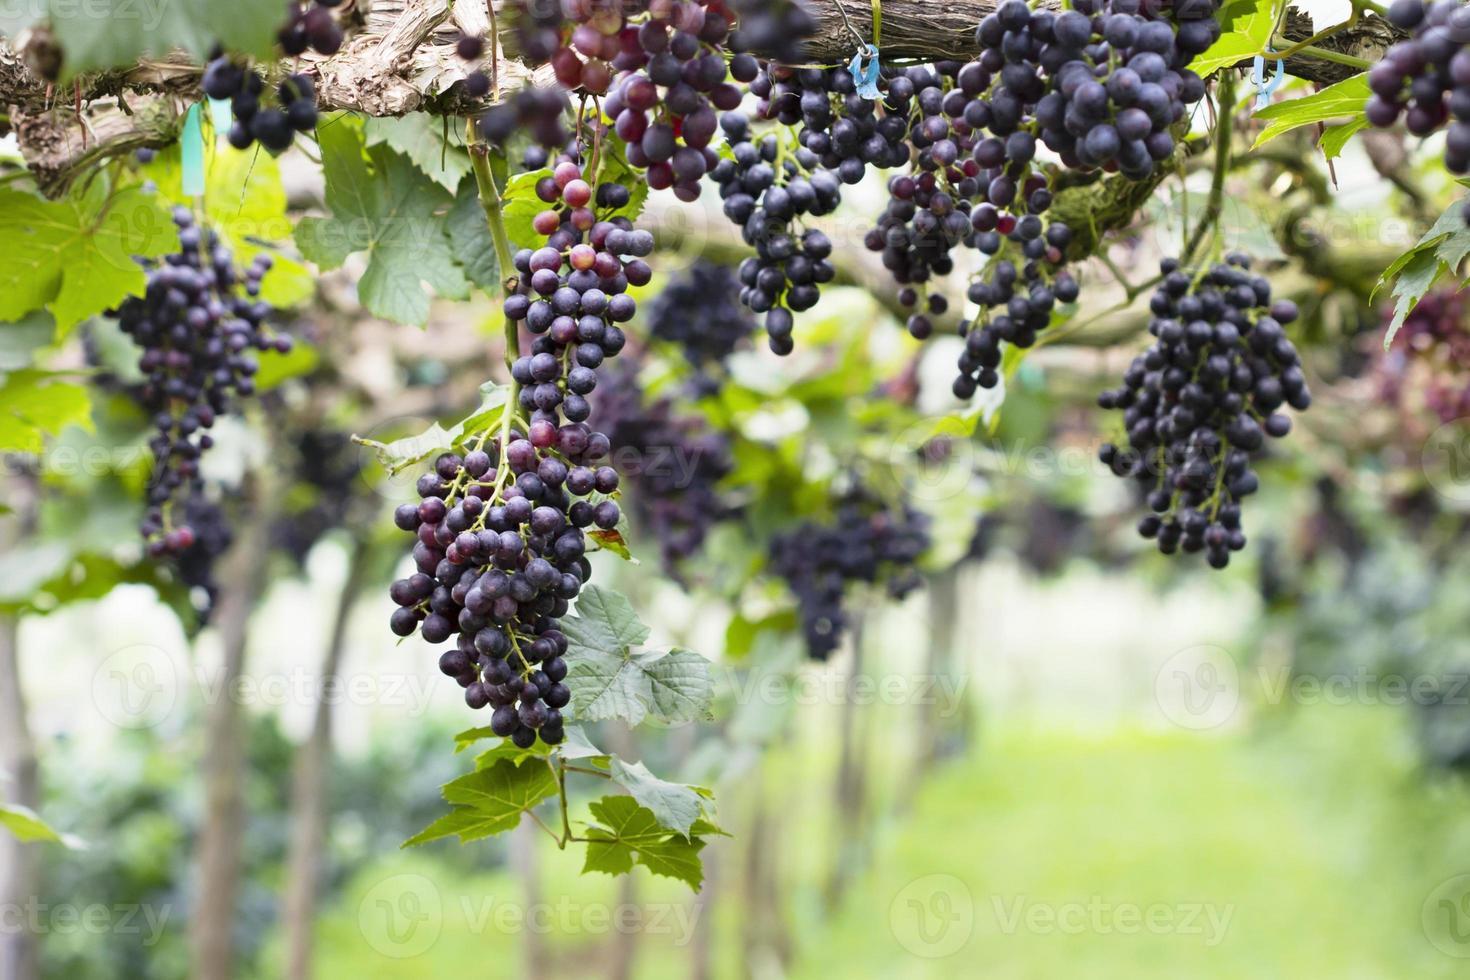 druvor med gröna blad på gården foto